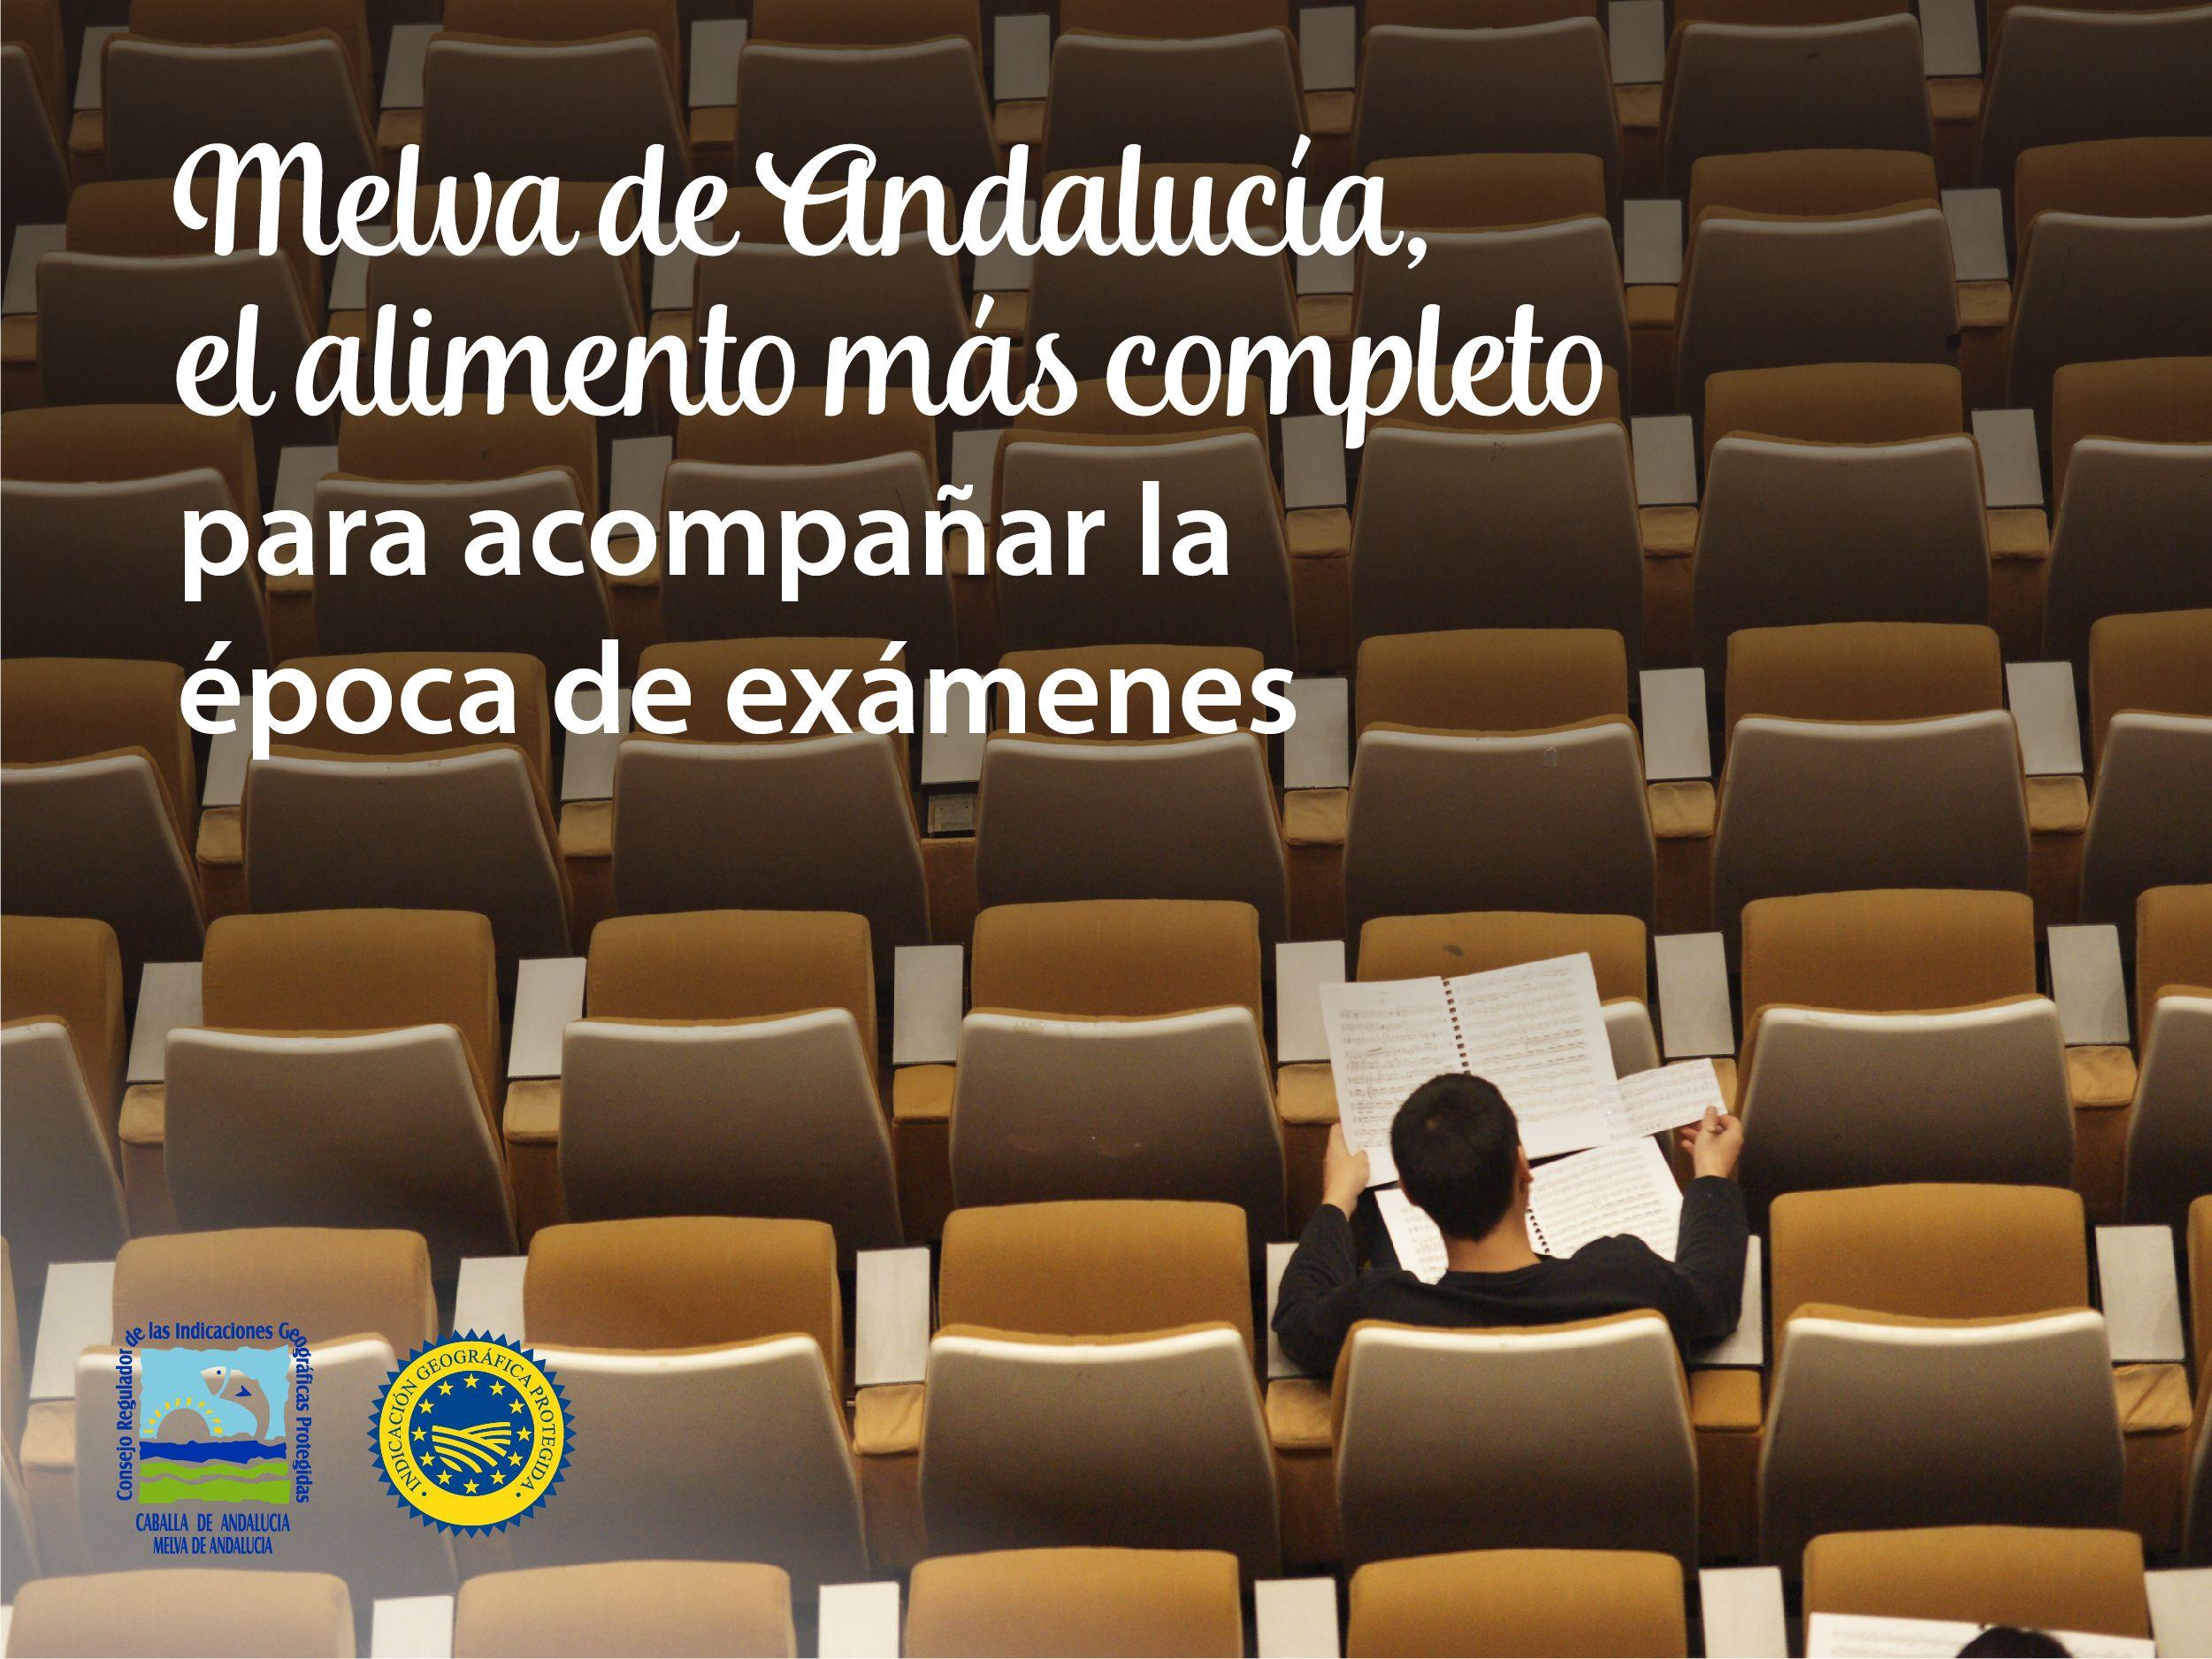 Melva de Andalucía Alimento para estudiar mejor